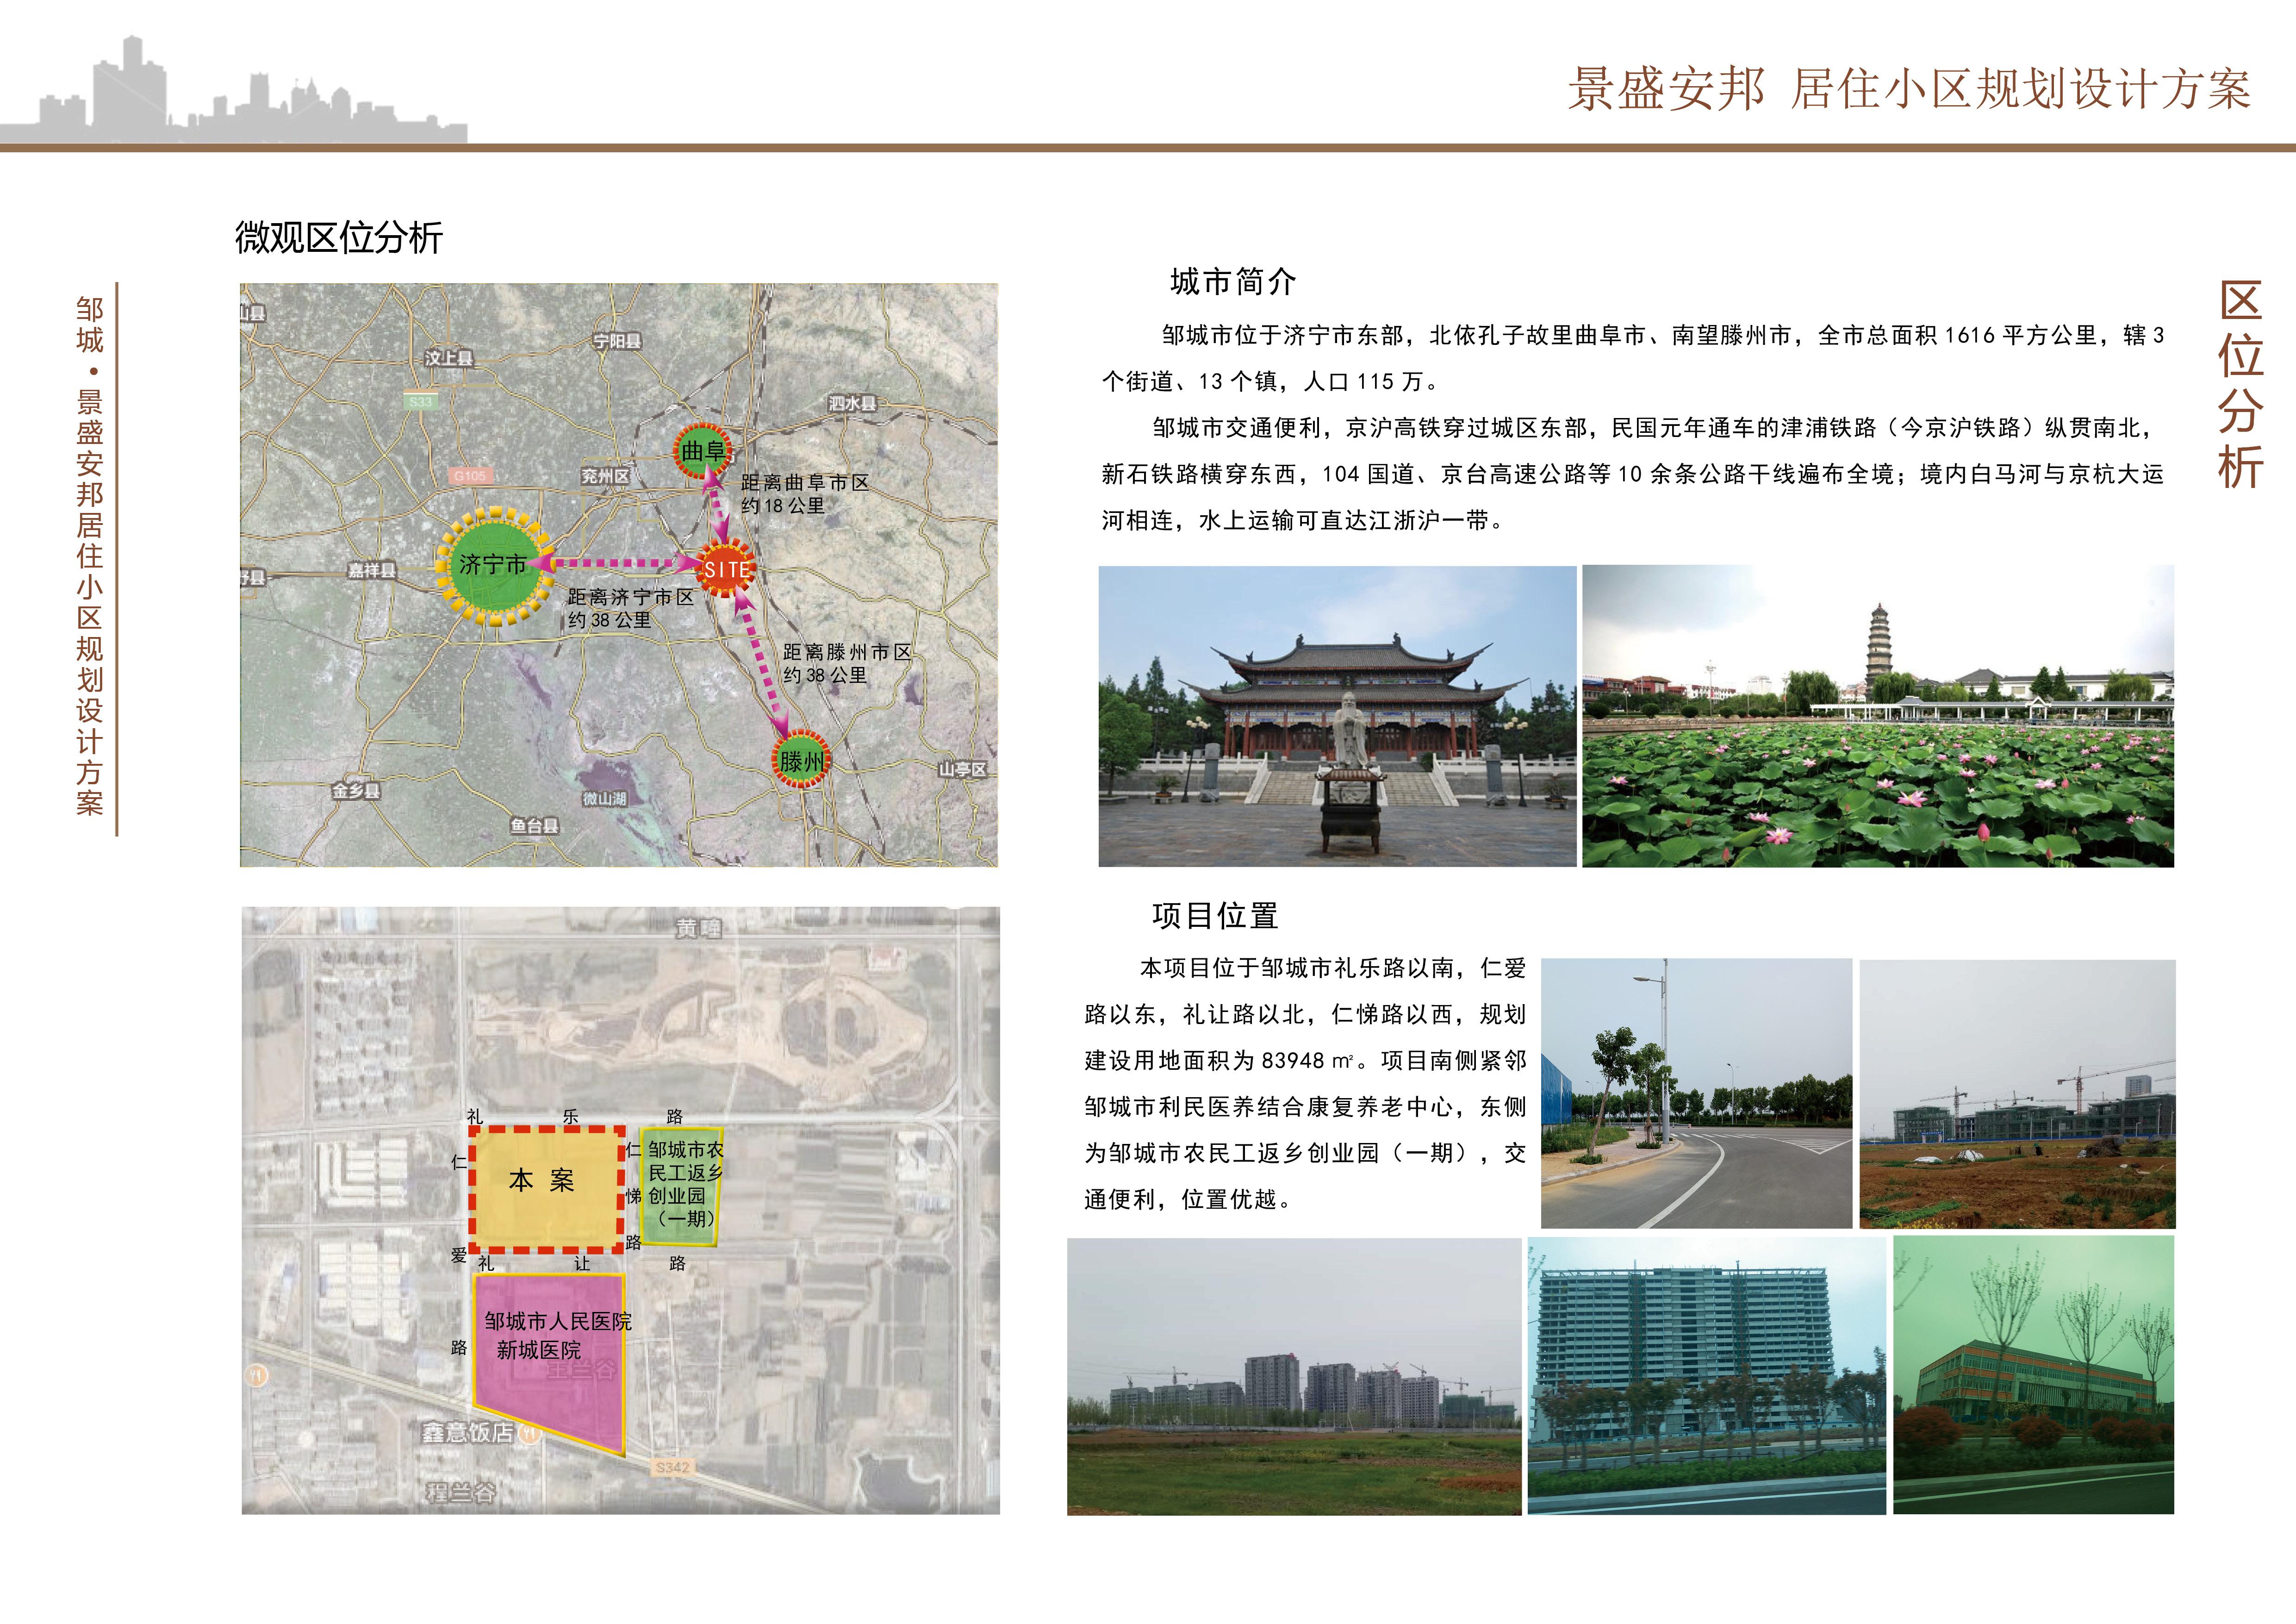 景胜安邦照片-01—02前期研究篇